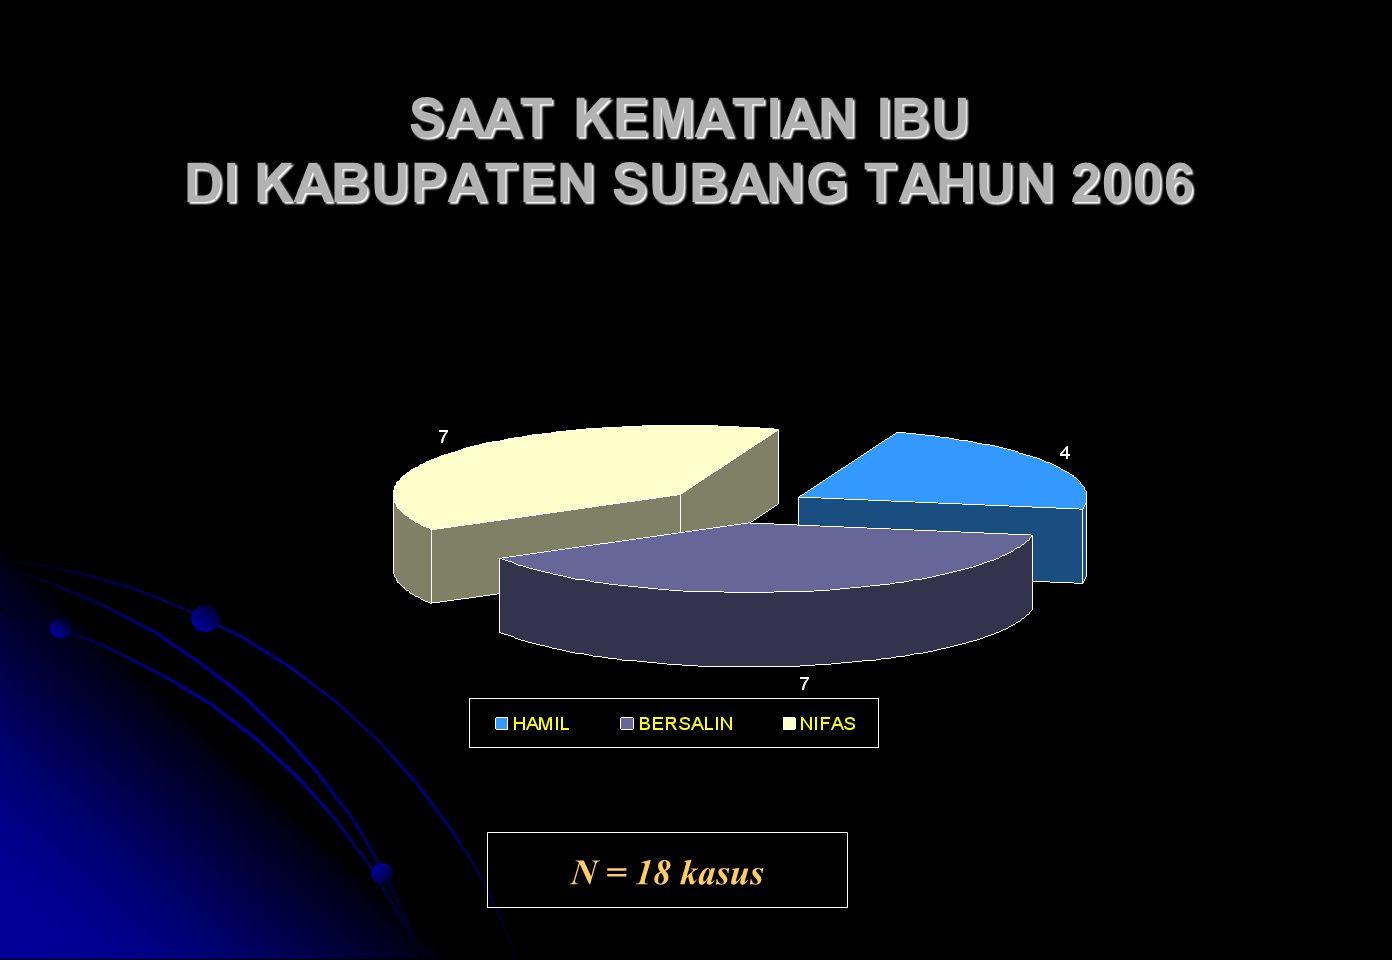 SAAT KEMATIAN IBU DI KABUPATEN SUBANG TAHUN 2006 SAAT KEMATIAN IBU DI KABUPATEN SUBANG TAHUN 2006 N = 18 kasus